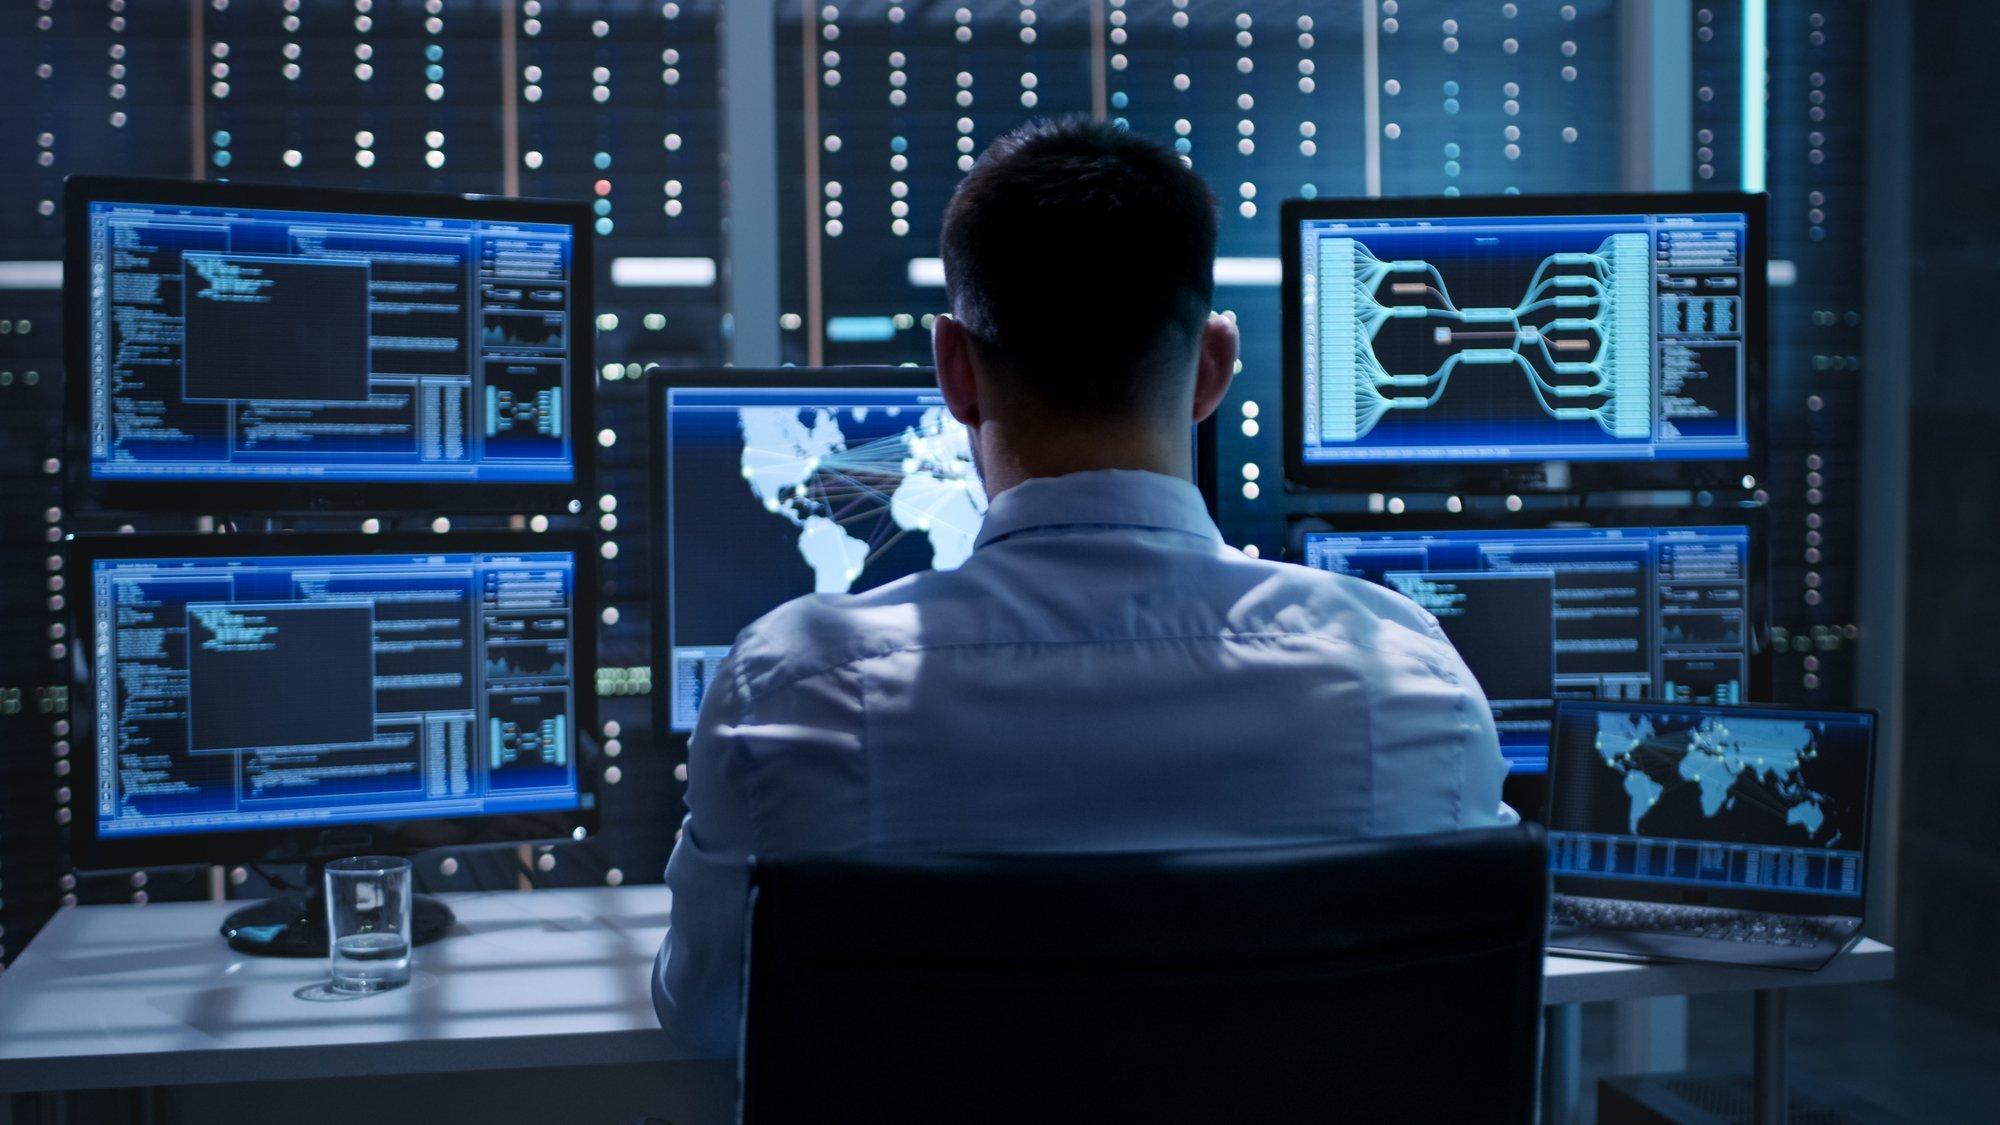 Ein Mann sitzt in einem Büro vor vielen Bildschirmen, die blau leuchten